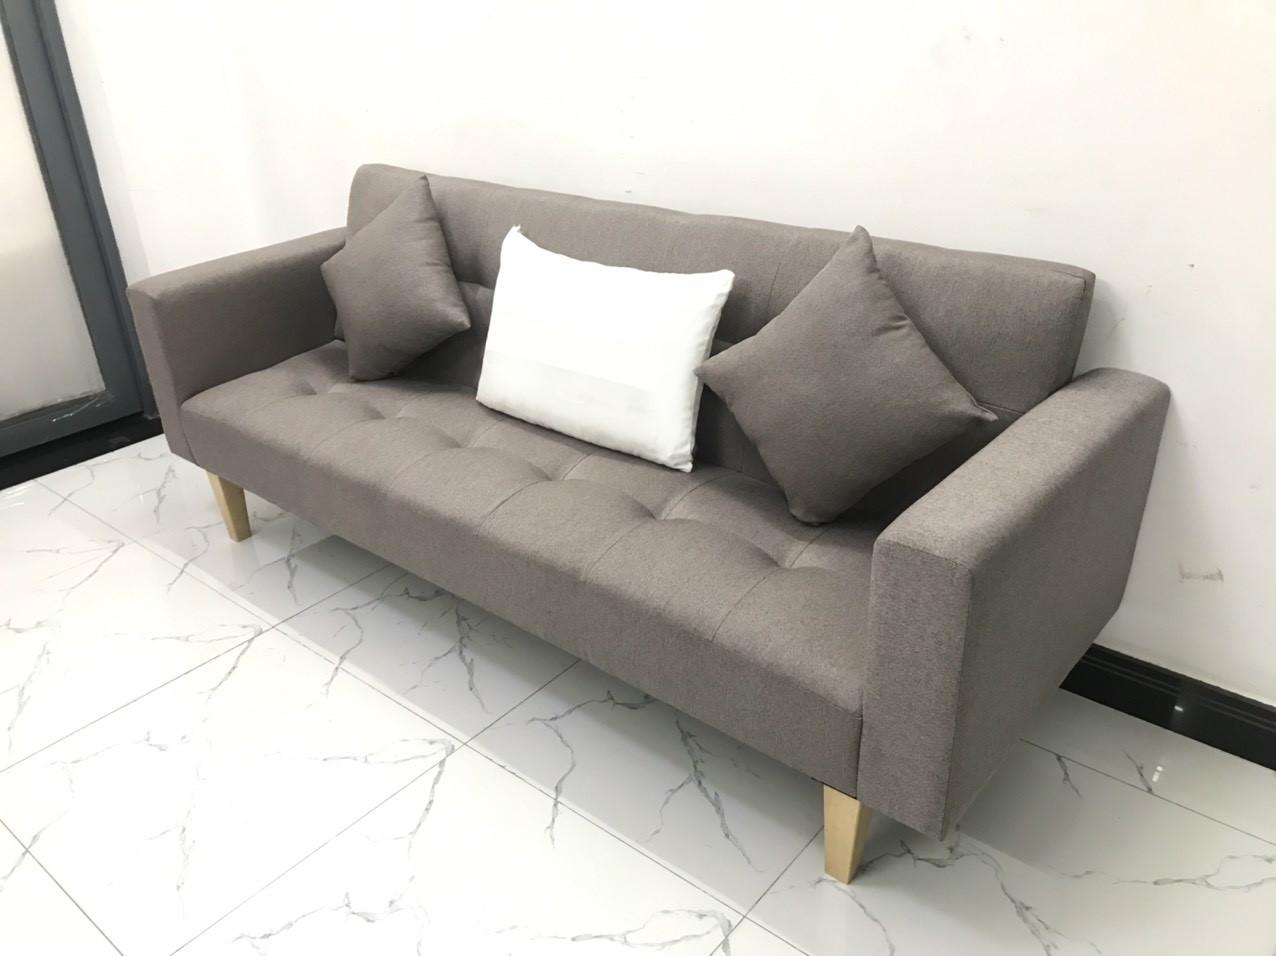 Ghế dài 2mx90 sofa bed tay vịn phòng khách linco12 sopha